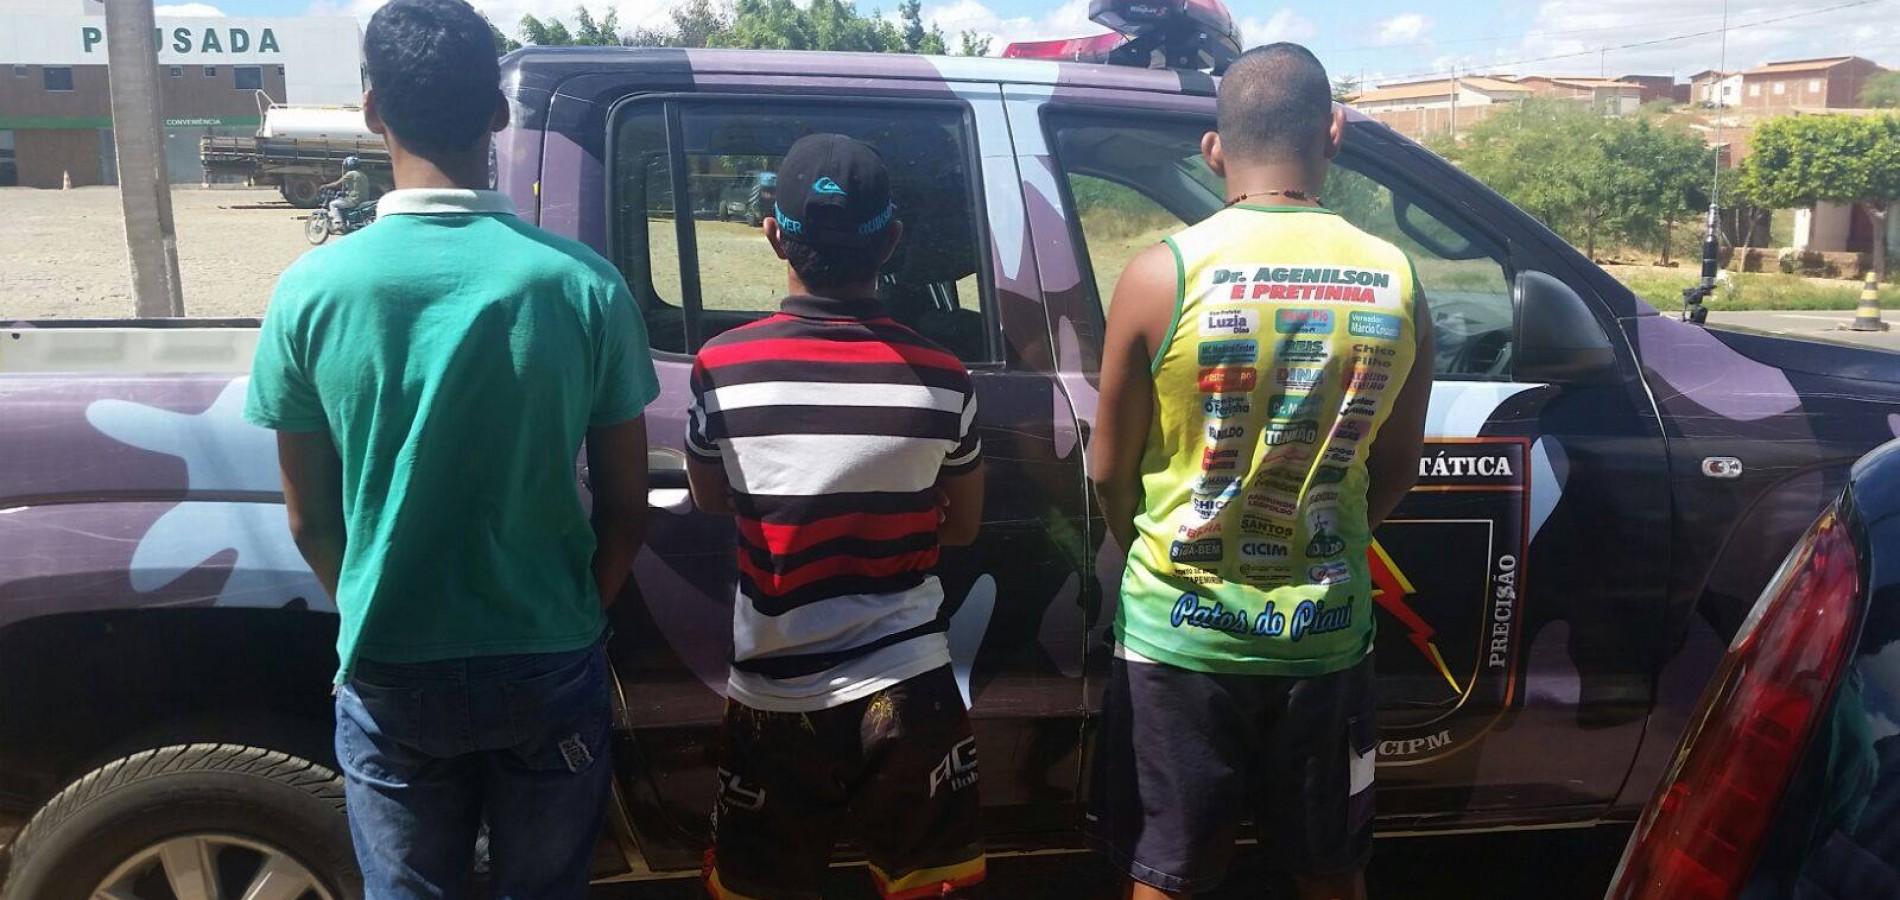 Força Tática de Paulistana apreende trio de menores que ostentava armas em redes sociais